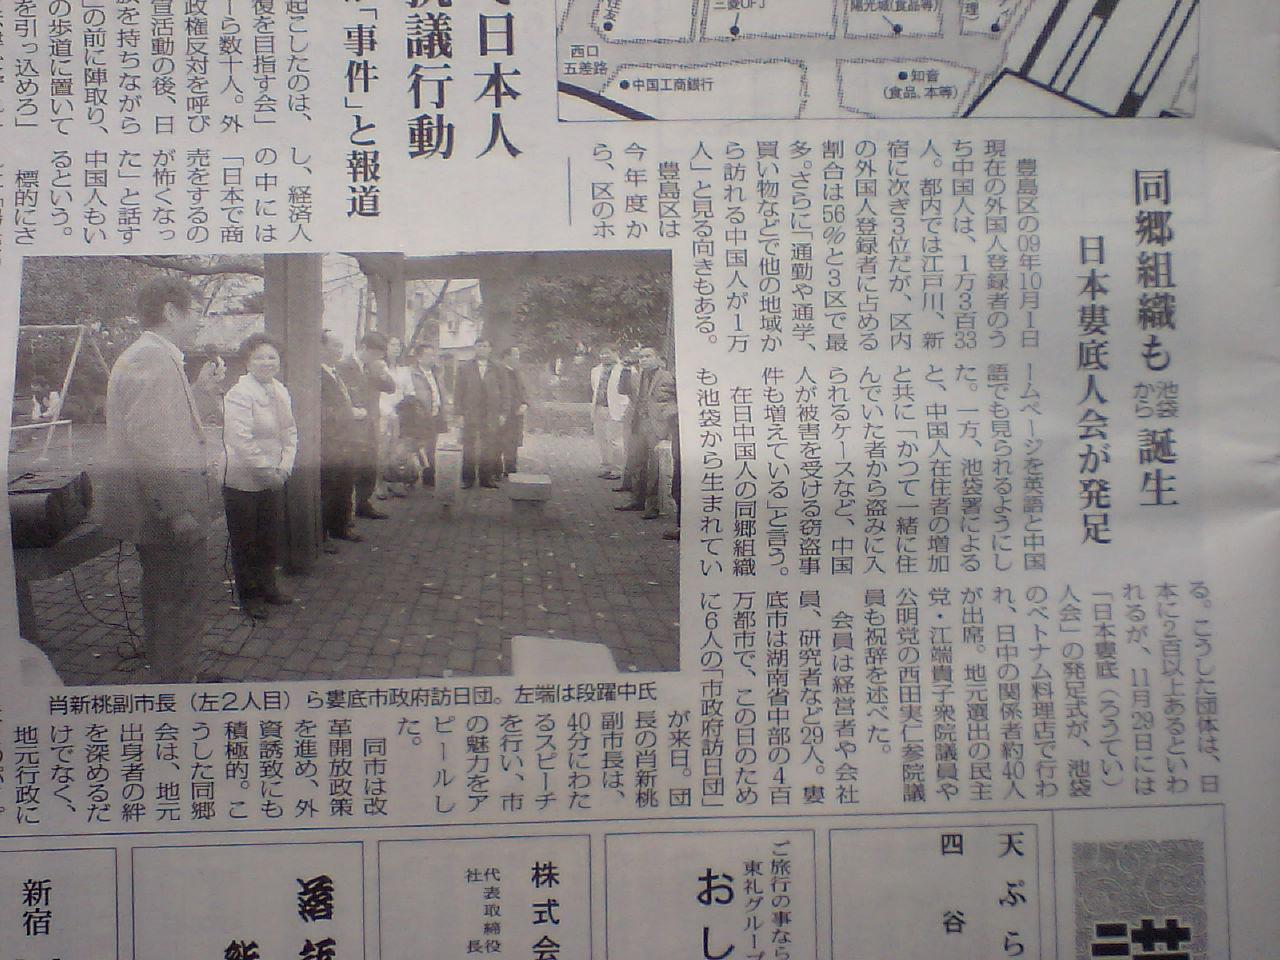 日本婁底人会発足の写真 新宿区新聞に掲載_d0027795_16514917.jpg